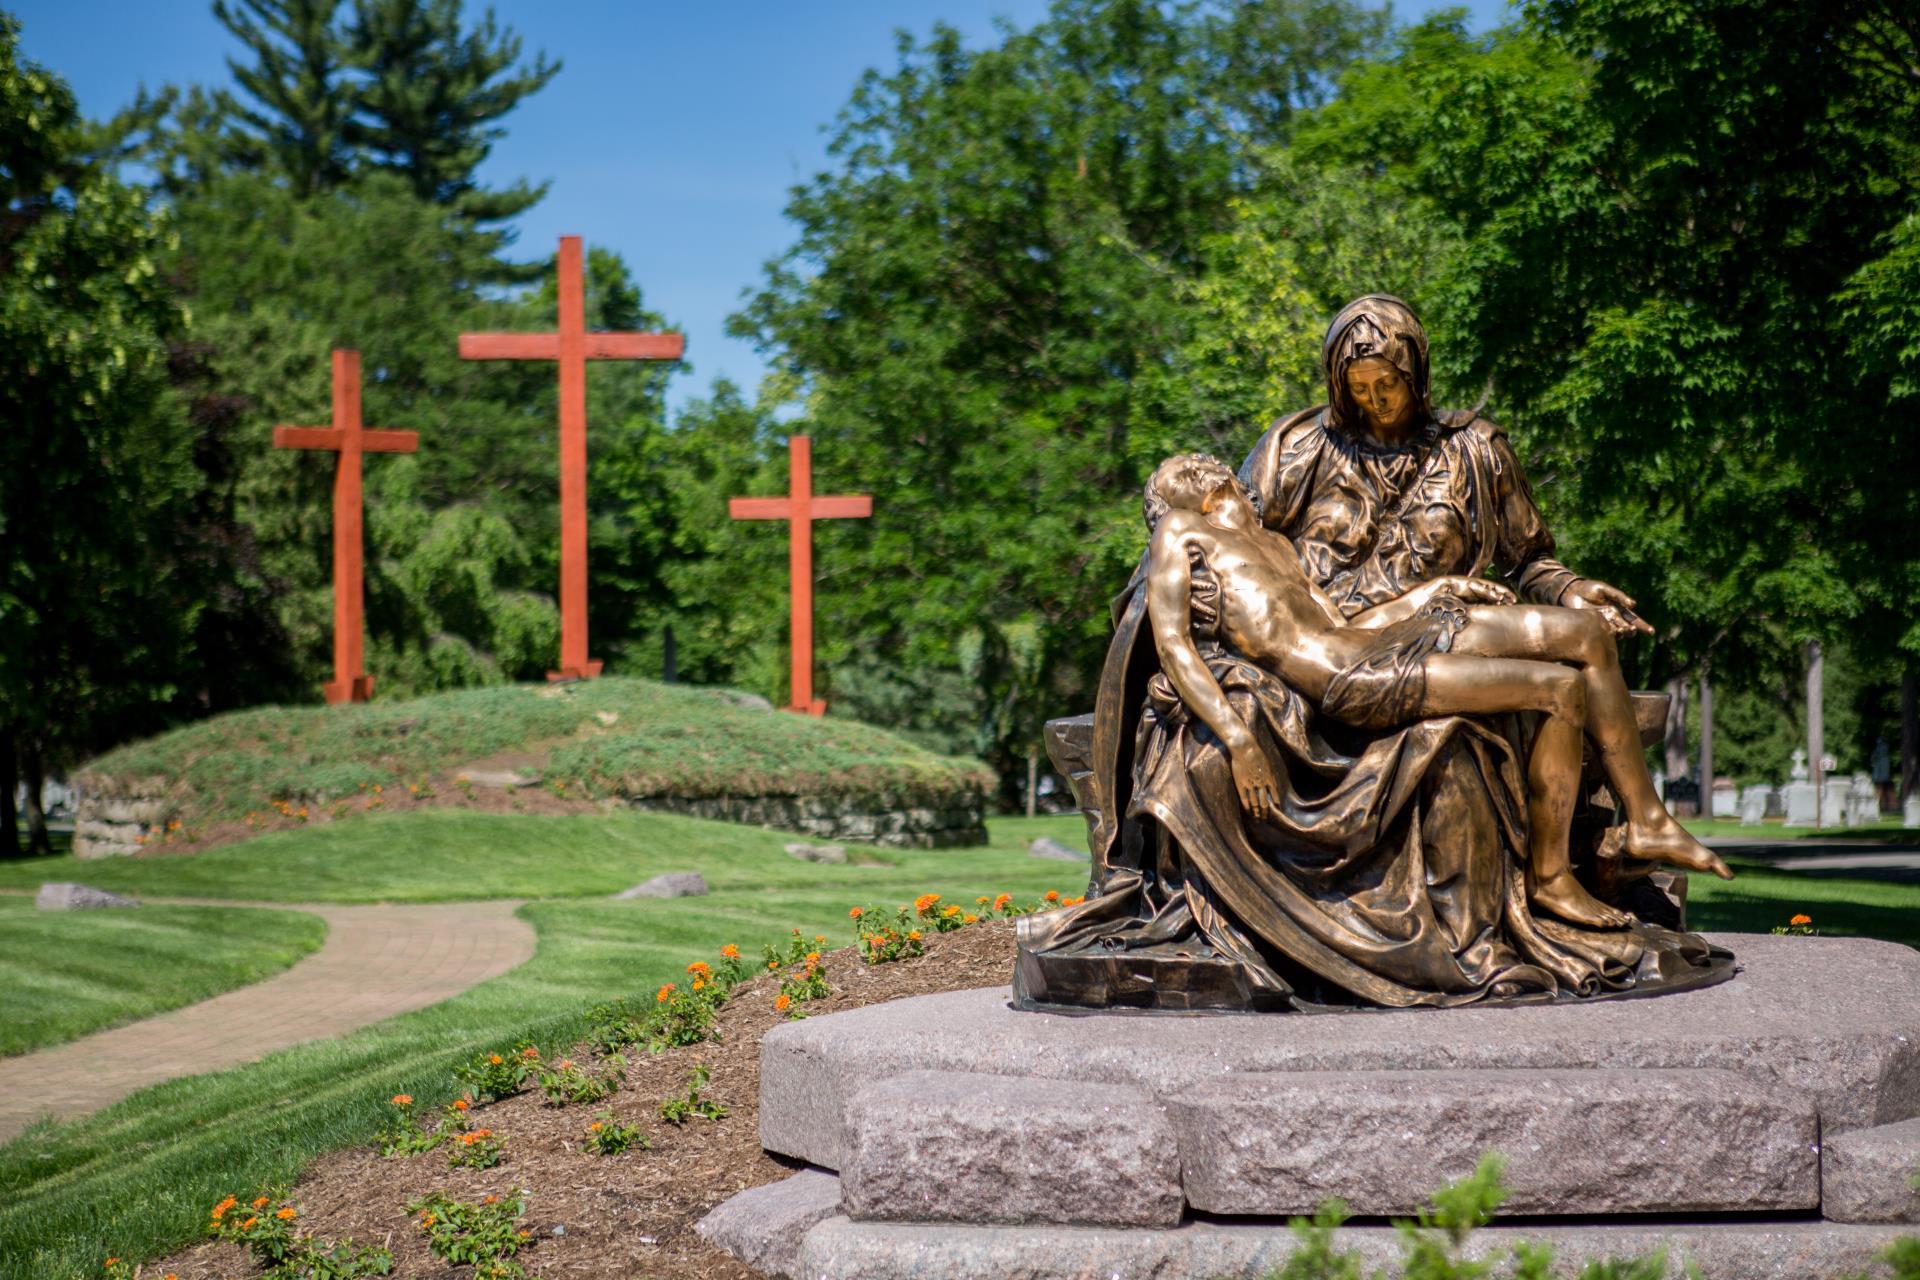 Pieta monument in front of 3 crosses